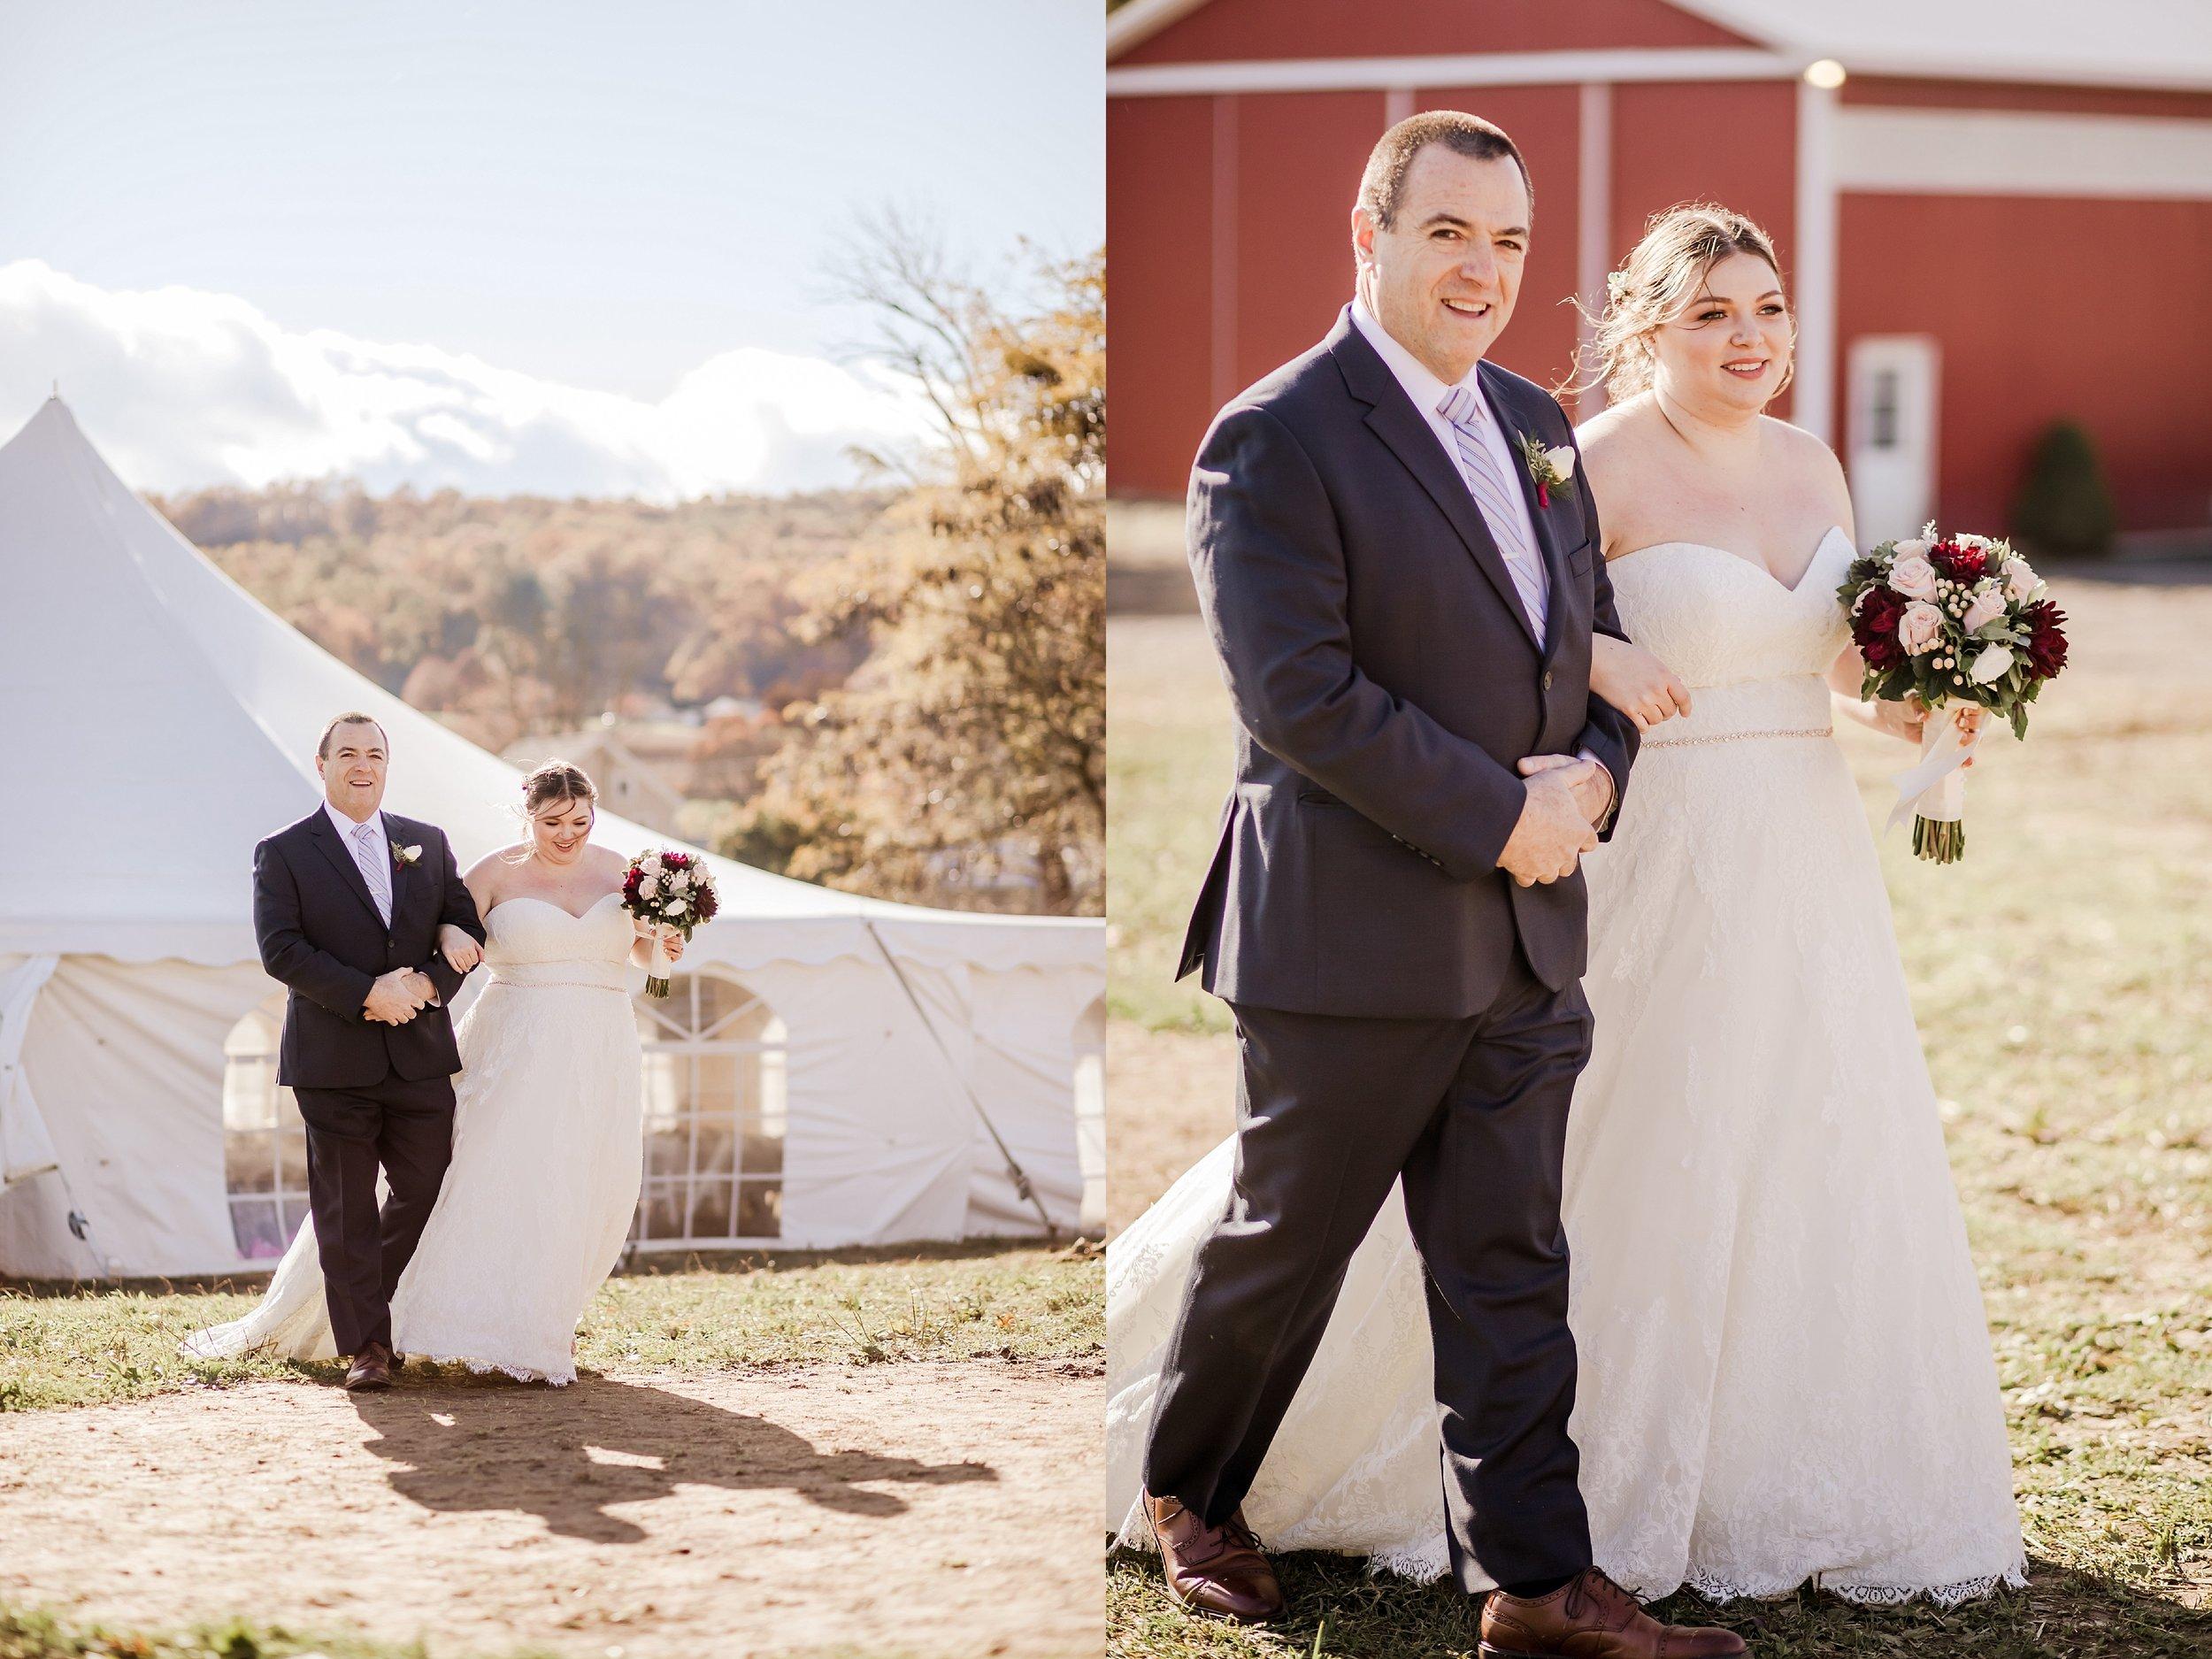 Savidge-Farms-Wedding-Photographer_0068.jpg